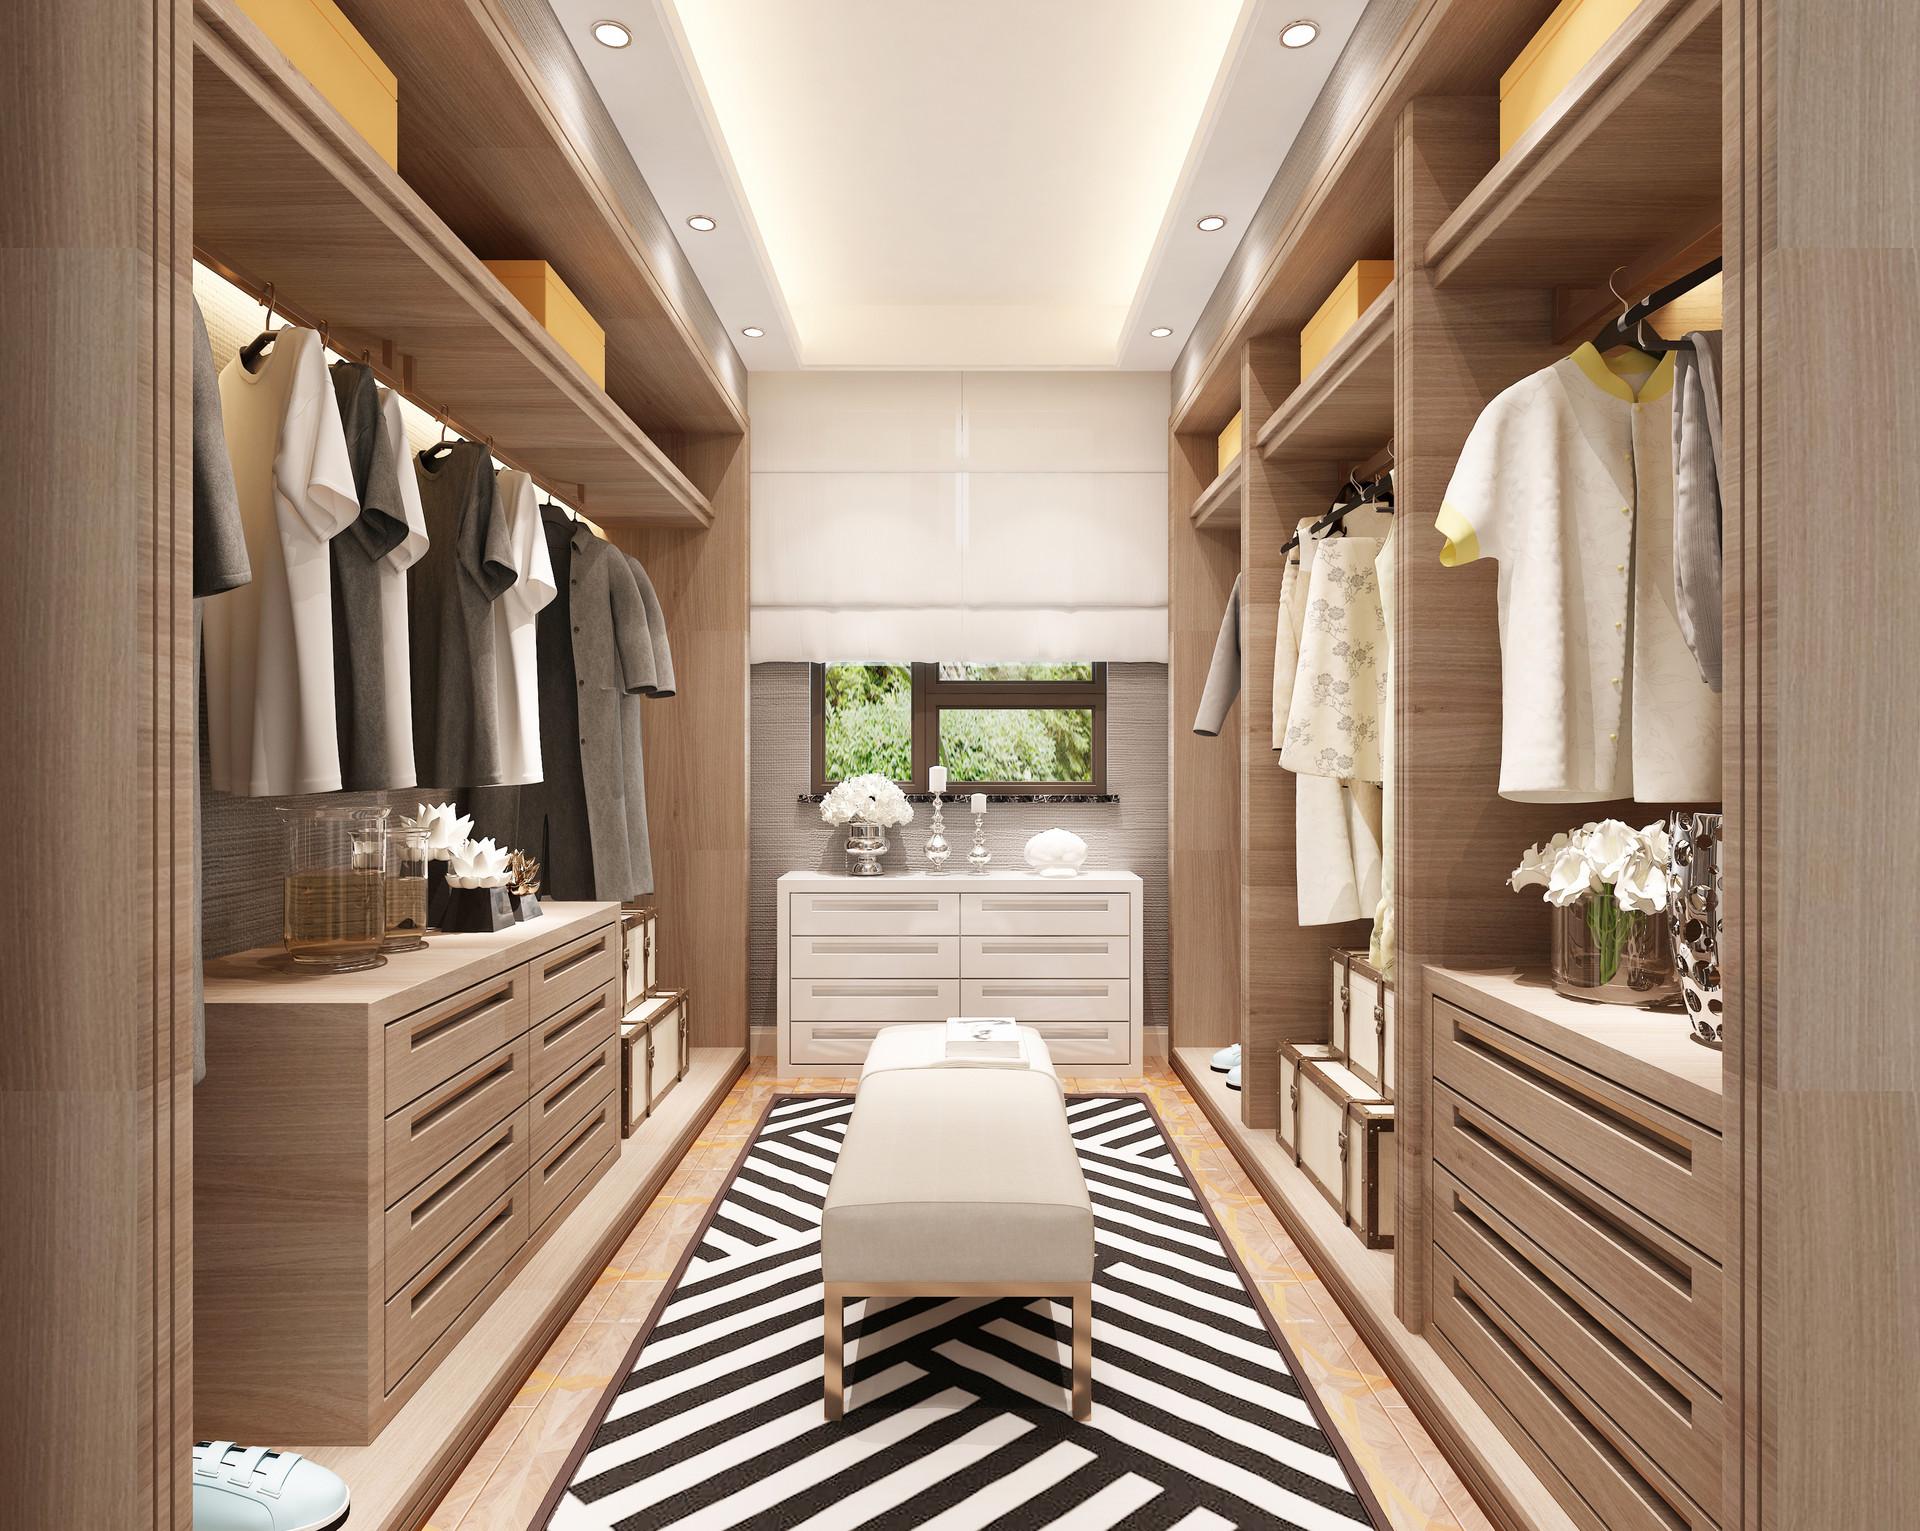 新房做新装,卧室衣柜怎么挑?